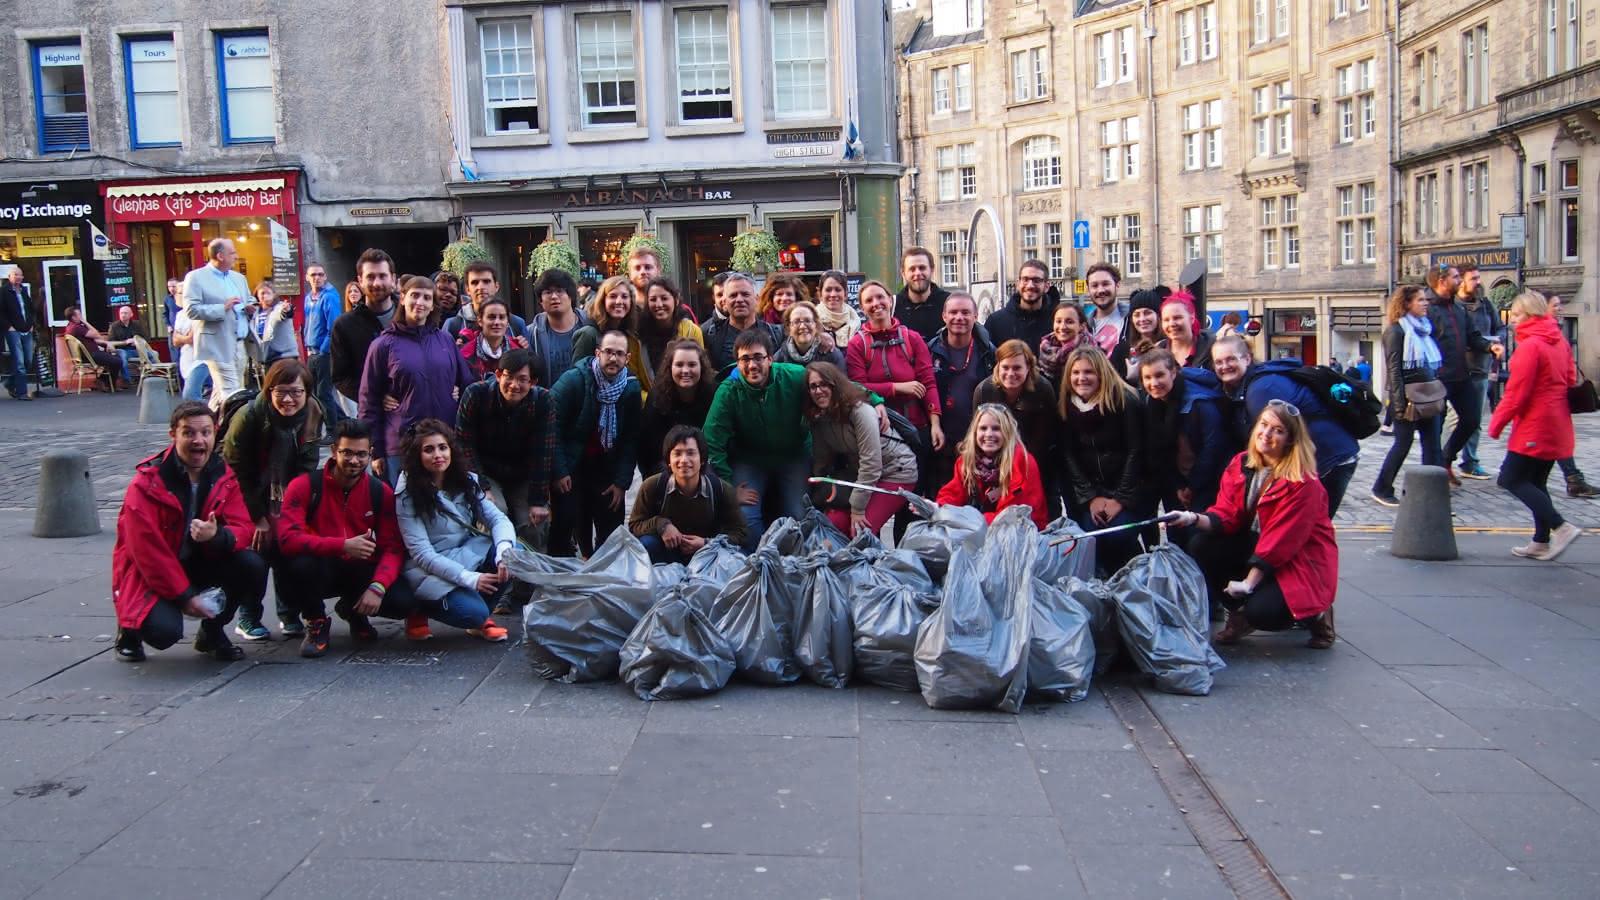 clean up crew sandemans edinburgh